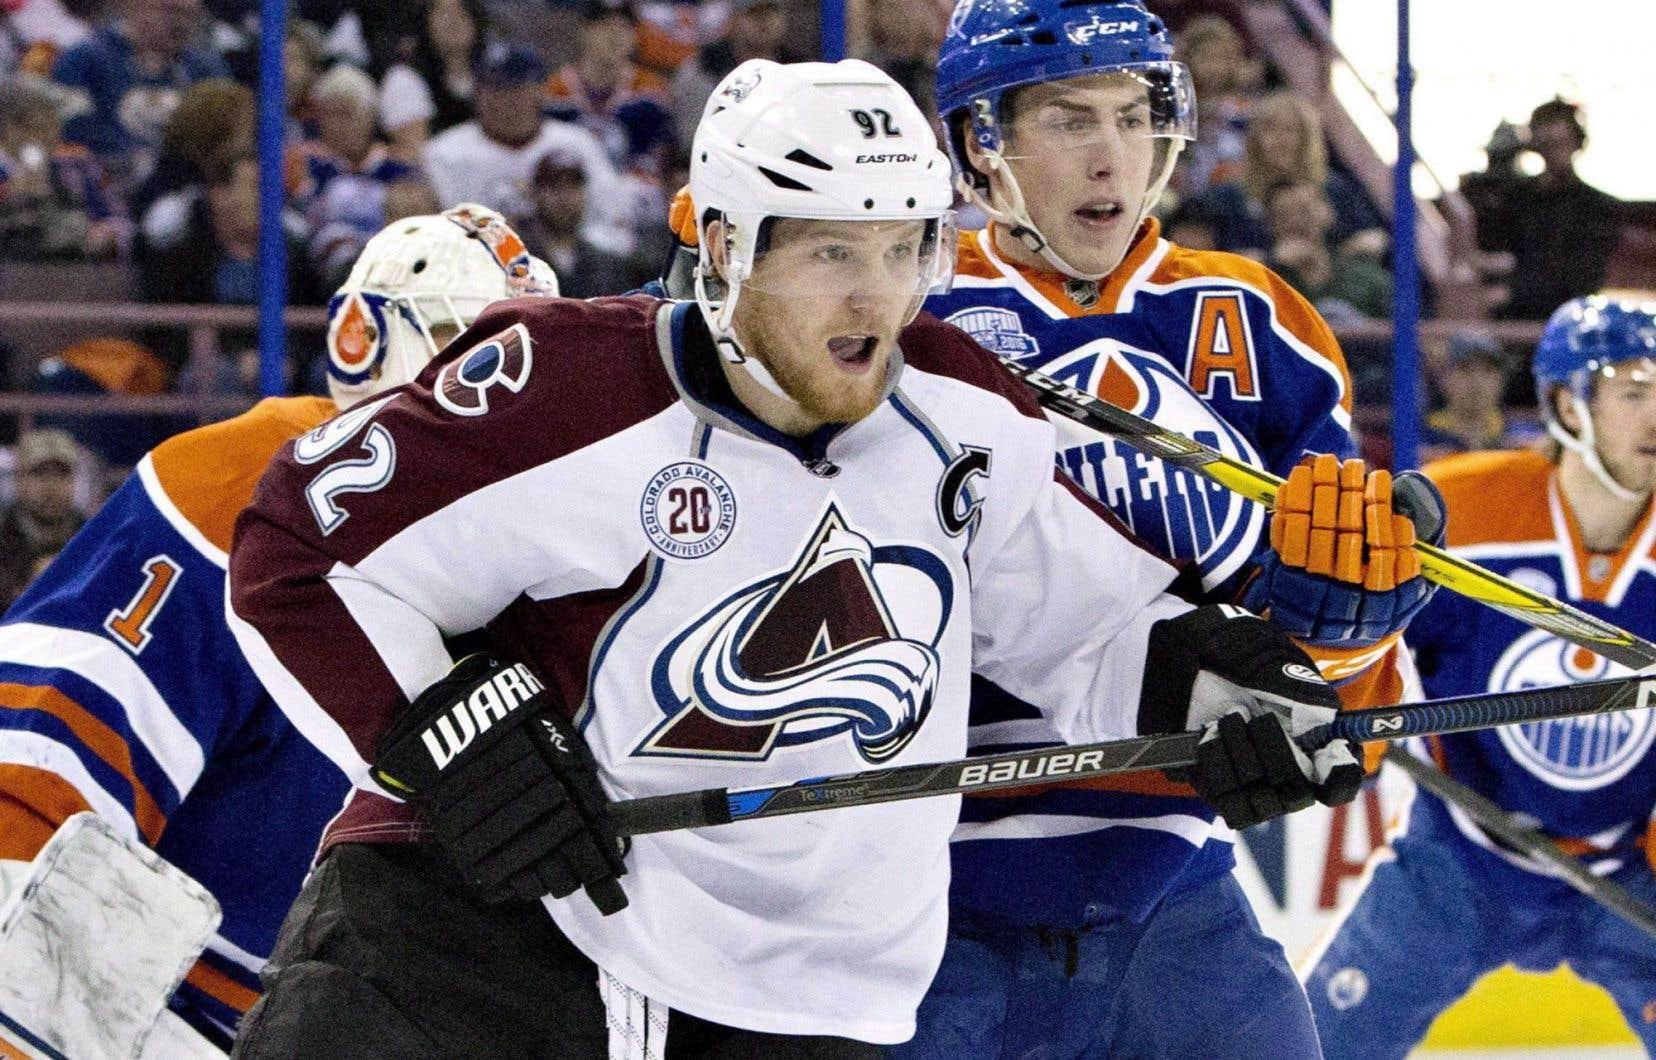 Landeskog affirme qu'il veut faire entendre sa voix sur le sujet pour que les hockeyeurs plus jeunes «saisissent bien la complexité» des commotions et de leurs effets.